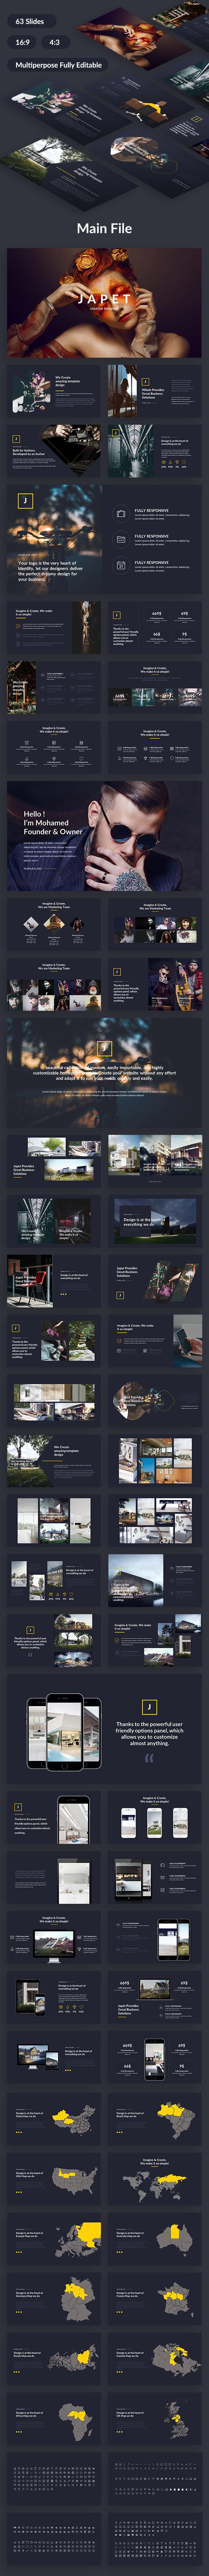 Japet Creative Design Google Slide Template - Google Slides Presentation Templates